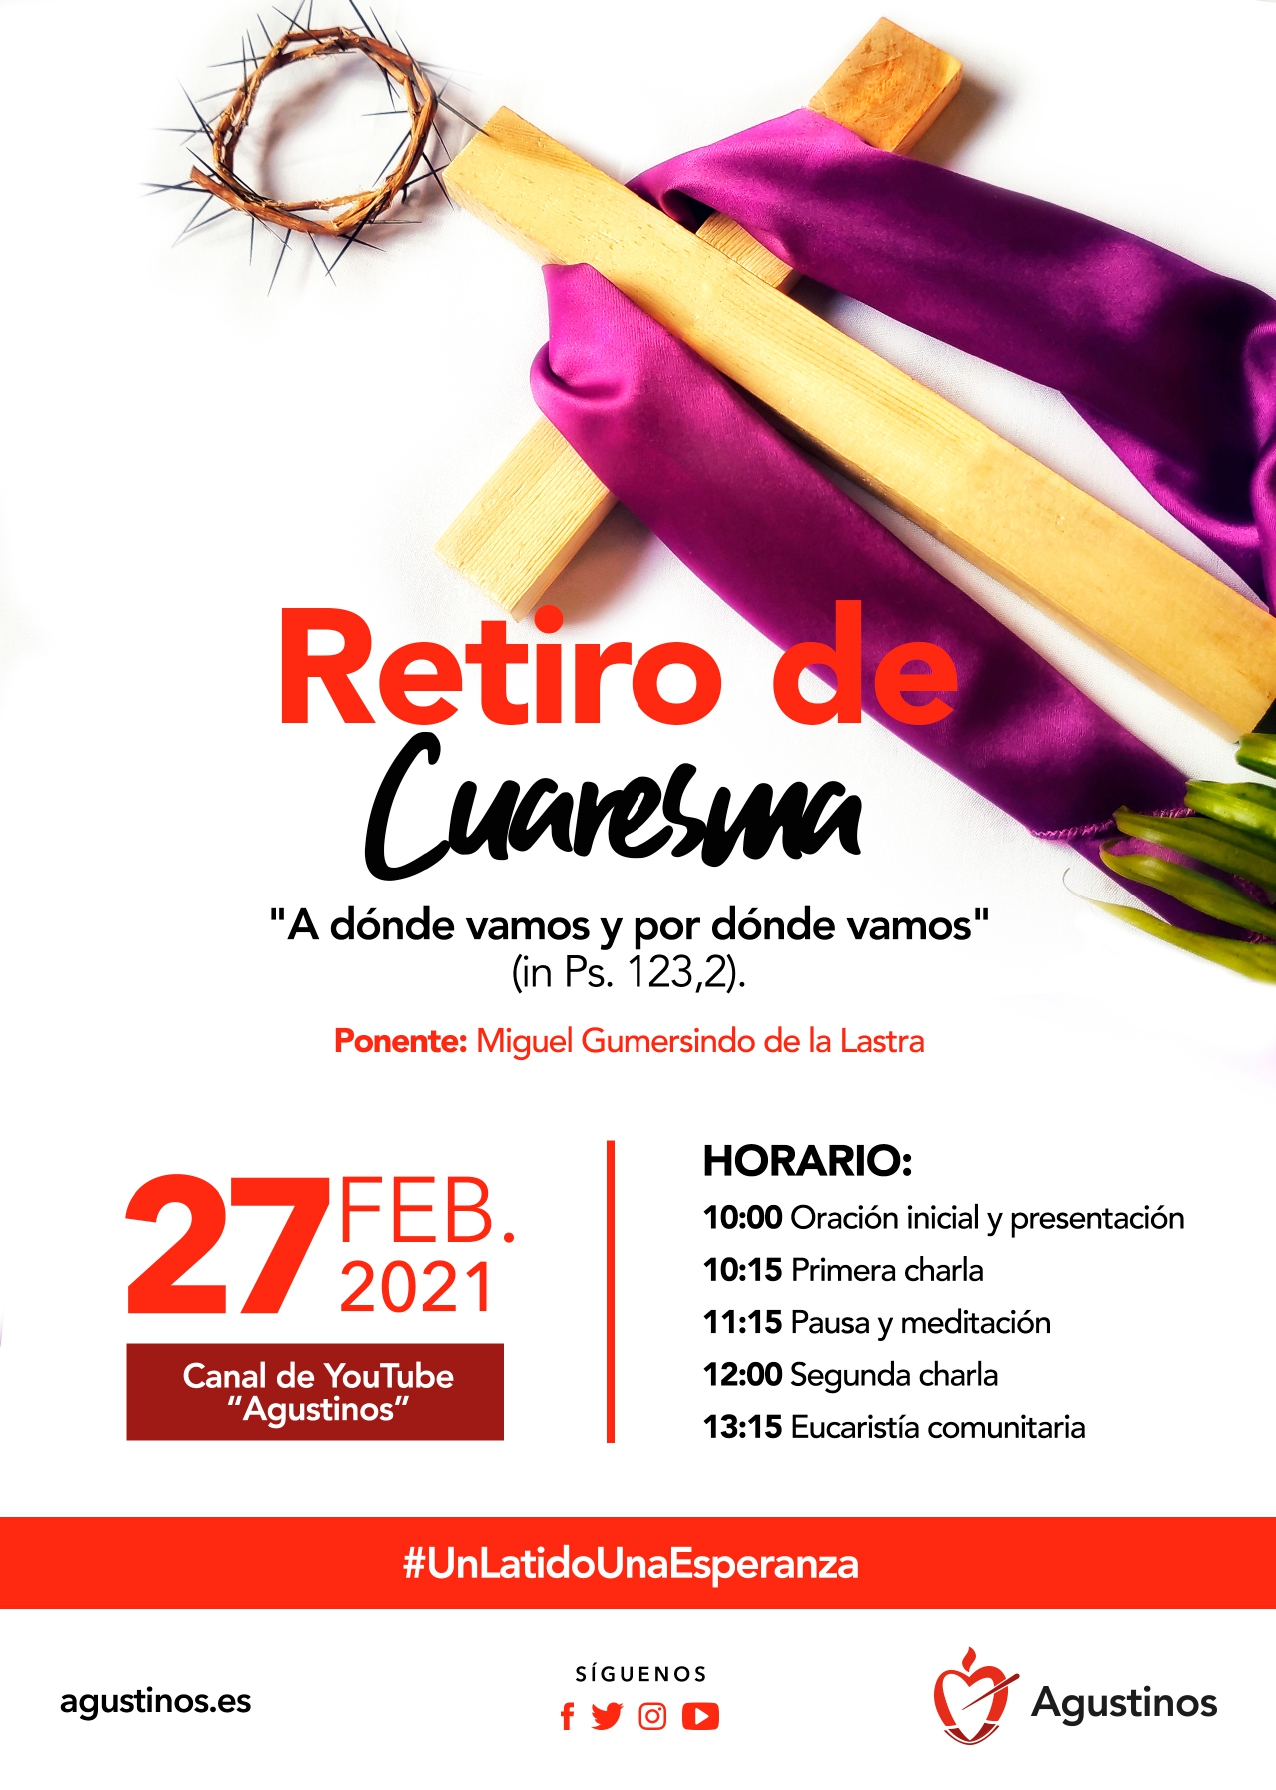 El próximo sábado 27 de febrero, a partir de las 10:00 horas, los religiosos agustinos de la Provincia participarán en su habitual retiro de Cuaresma.